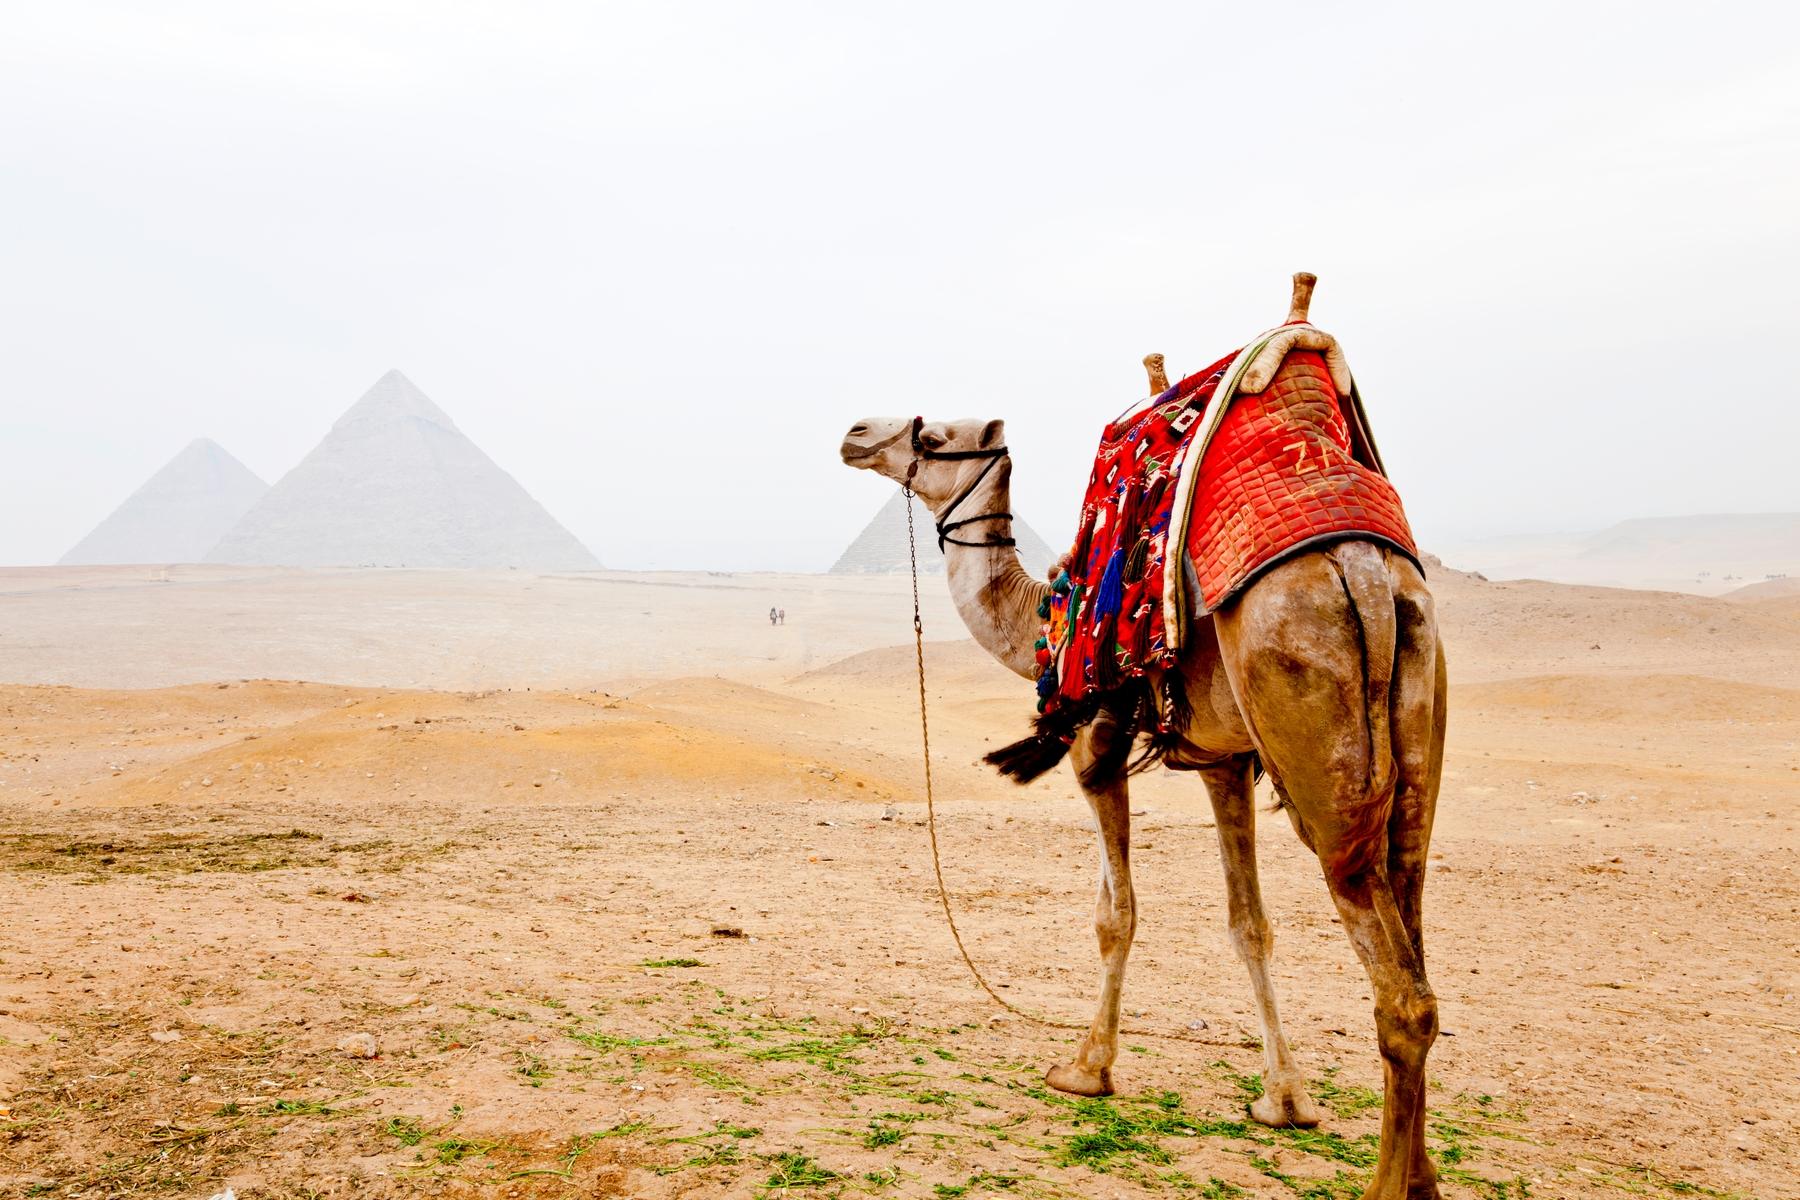 Верблюд в Египте на фоне пирамид в тумане. Египет входит в список «Страны с визой по прибытии для россиян»